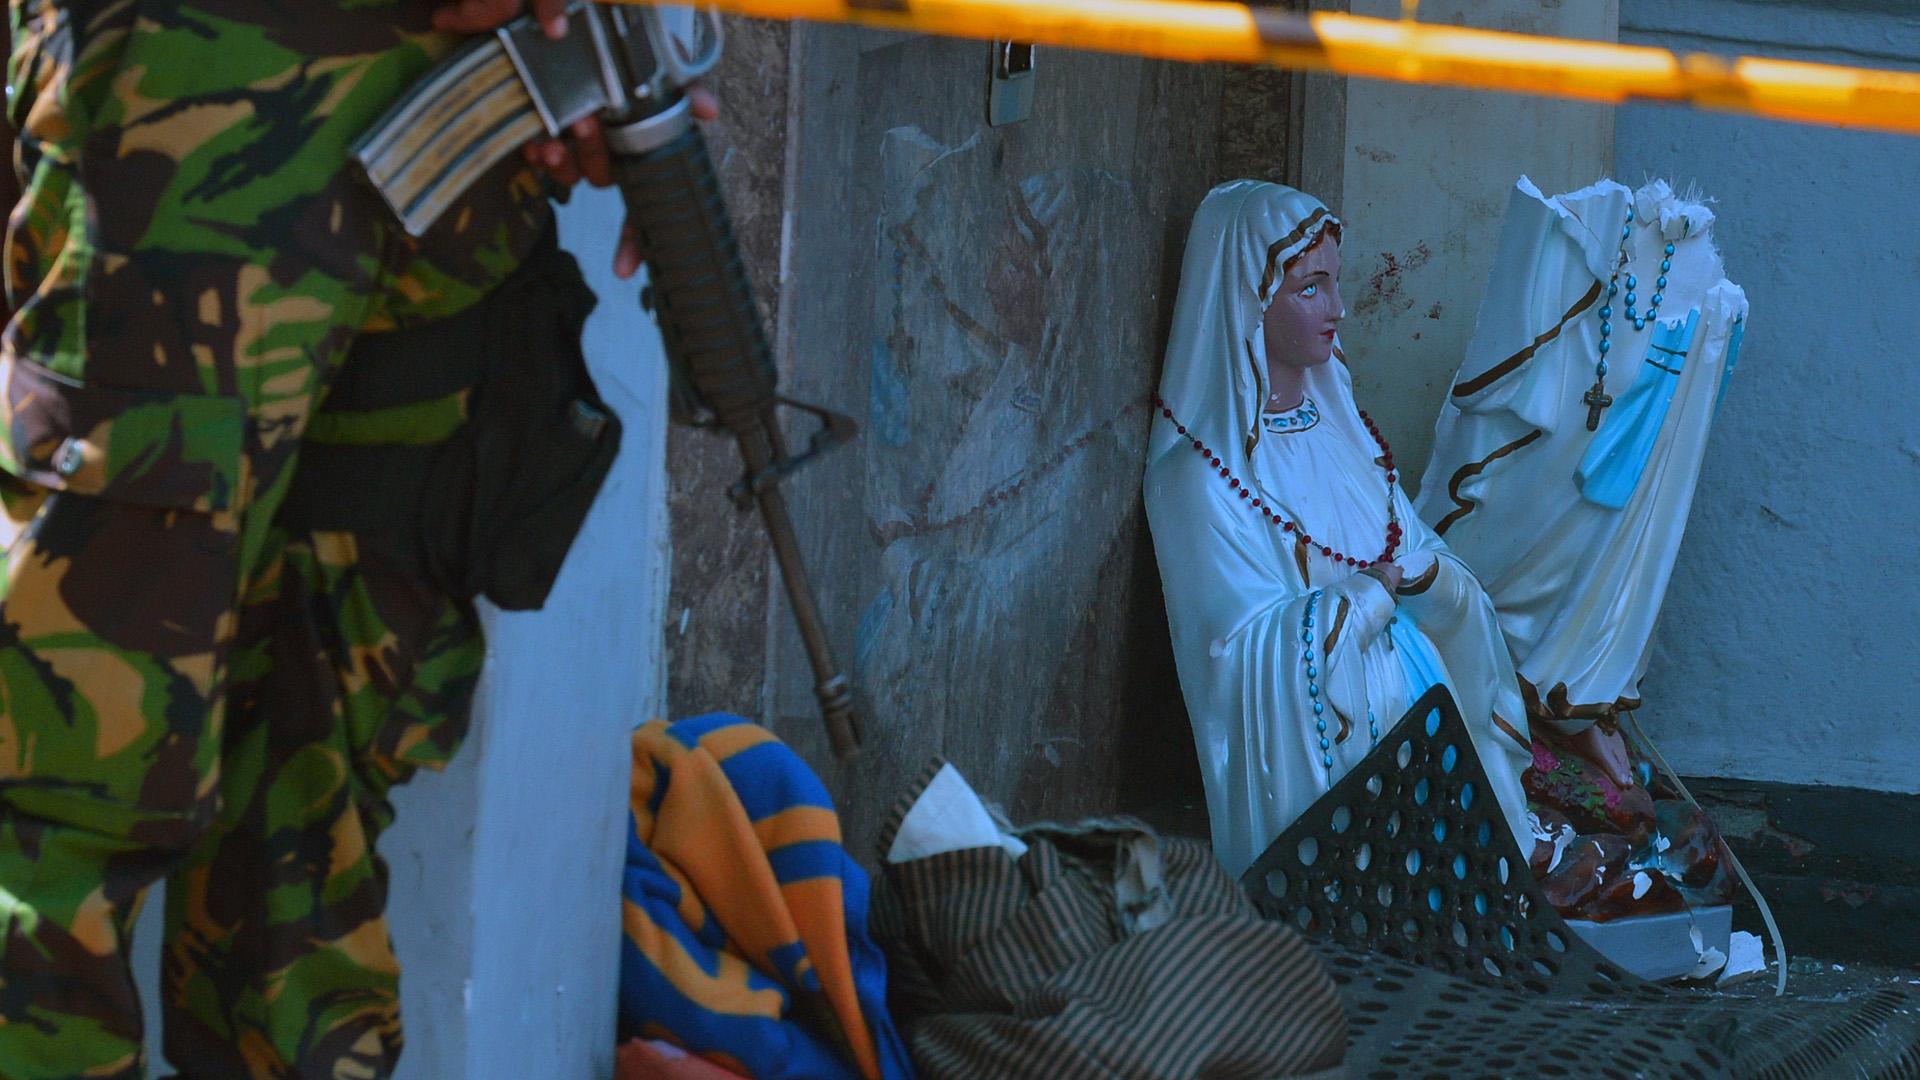 Virgen María partida por la mitad en atentado de la iglesia de San Antonio. Foto de AFP / Ishara S. Kodikara